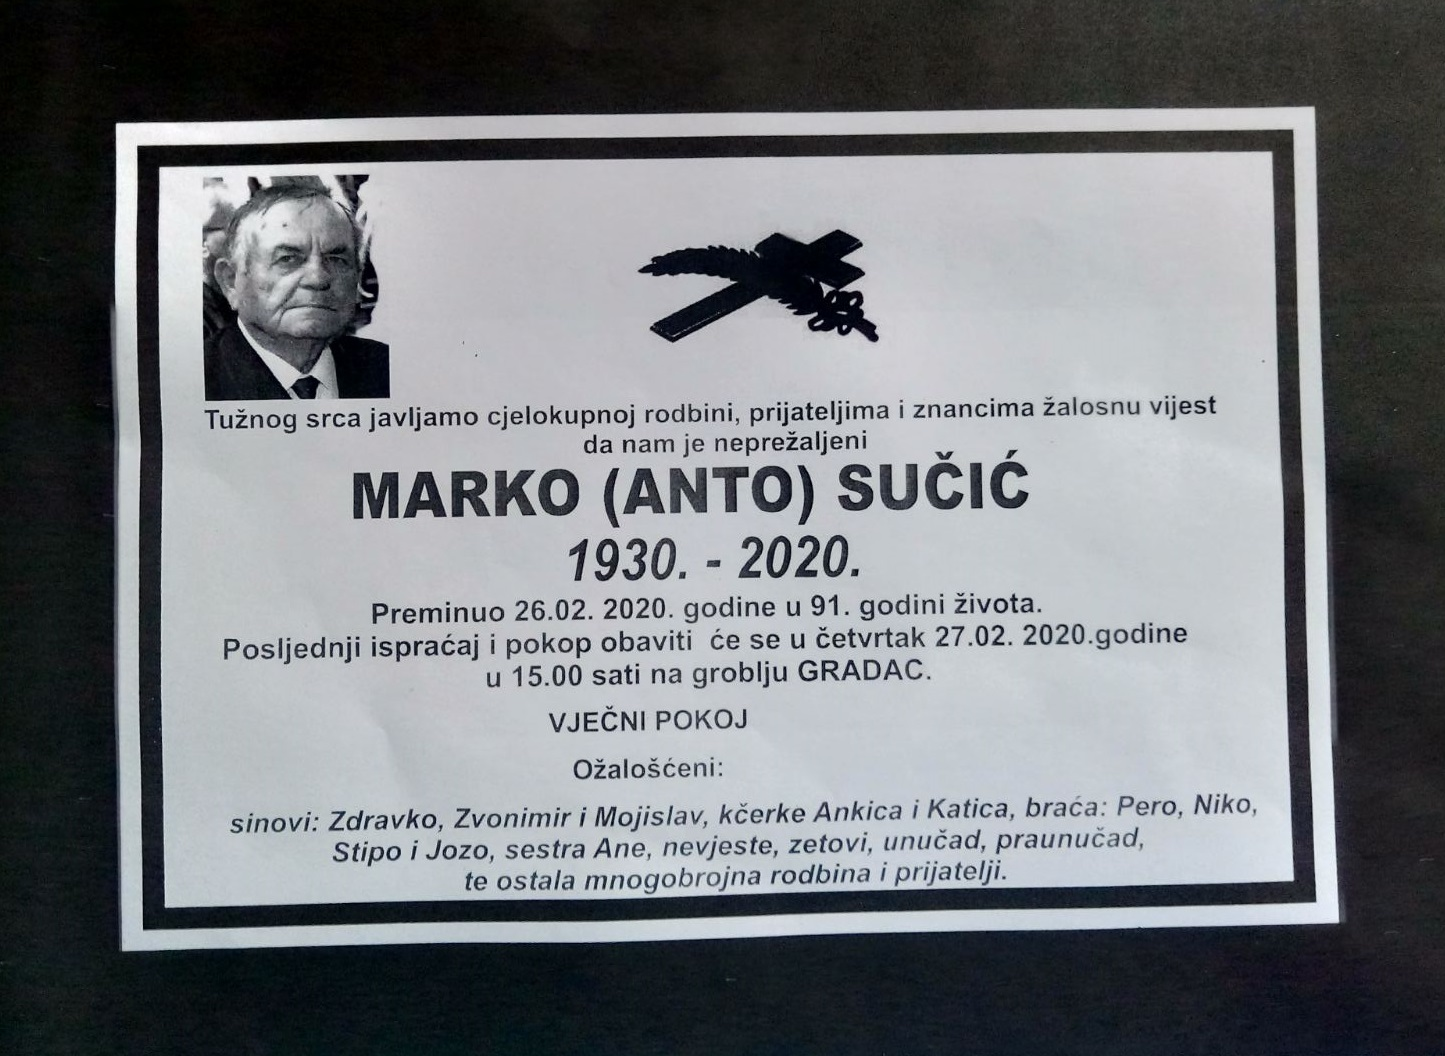 Marko (Anto) Sučić